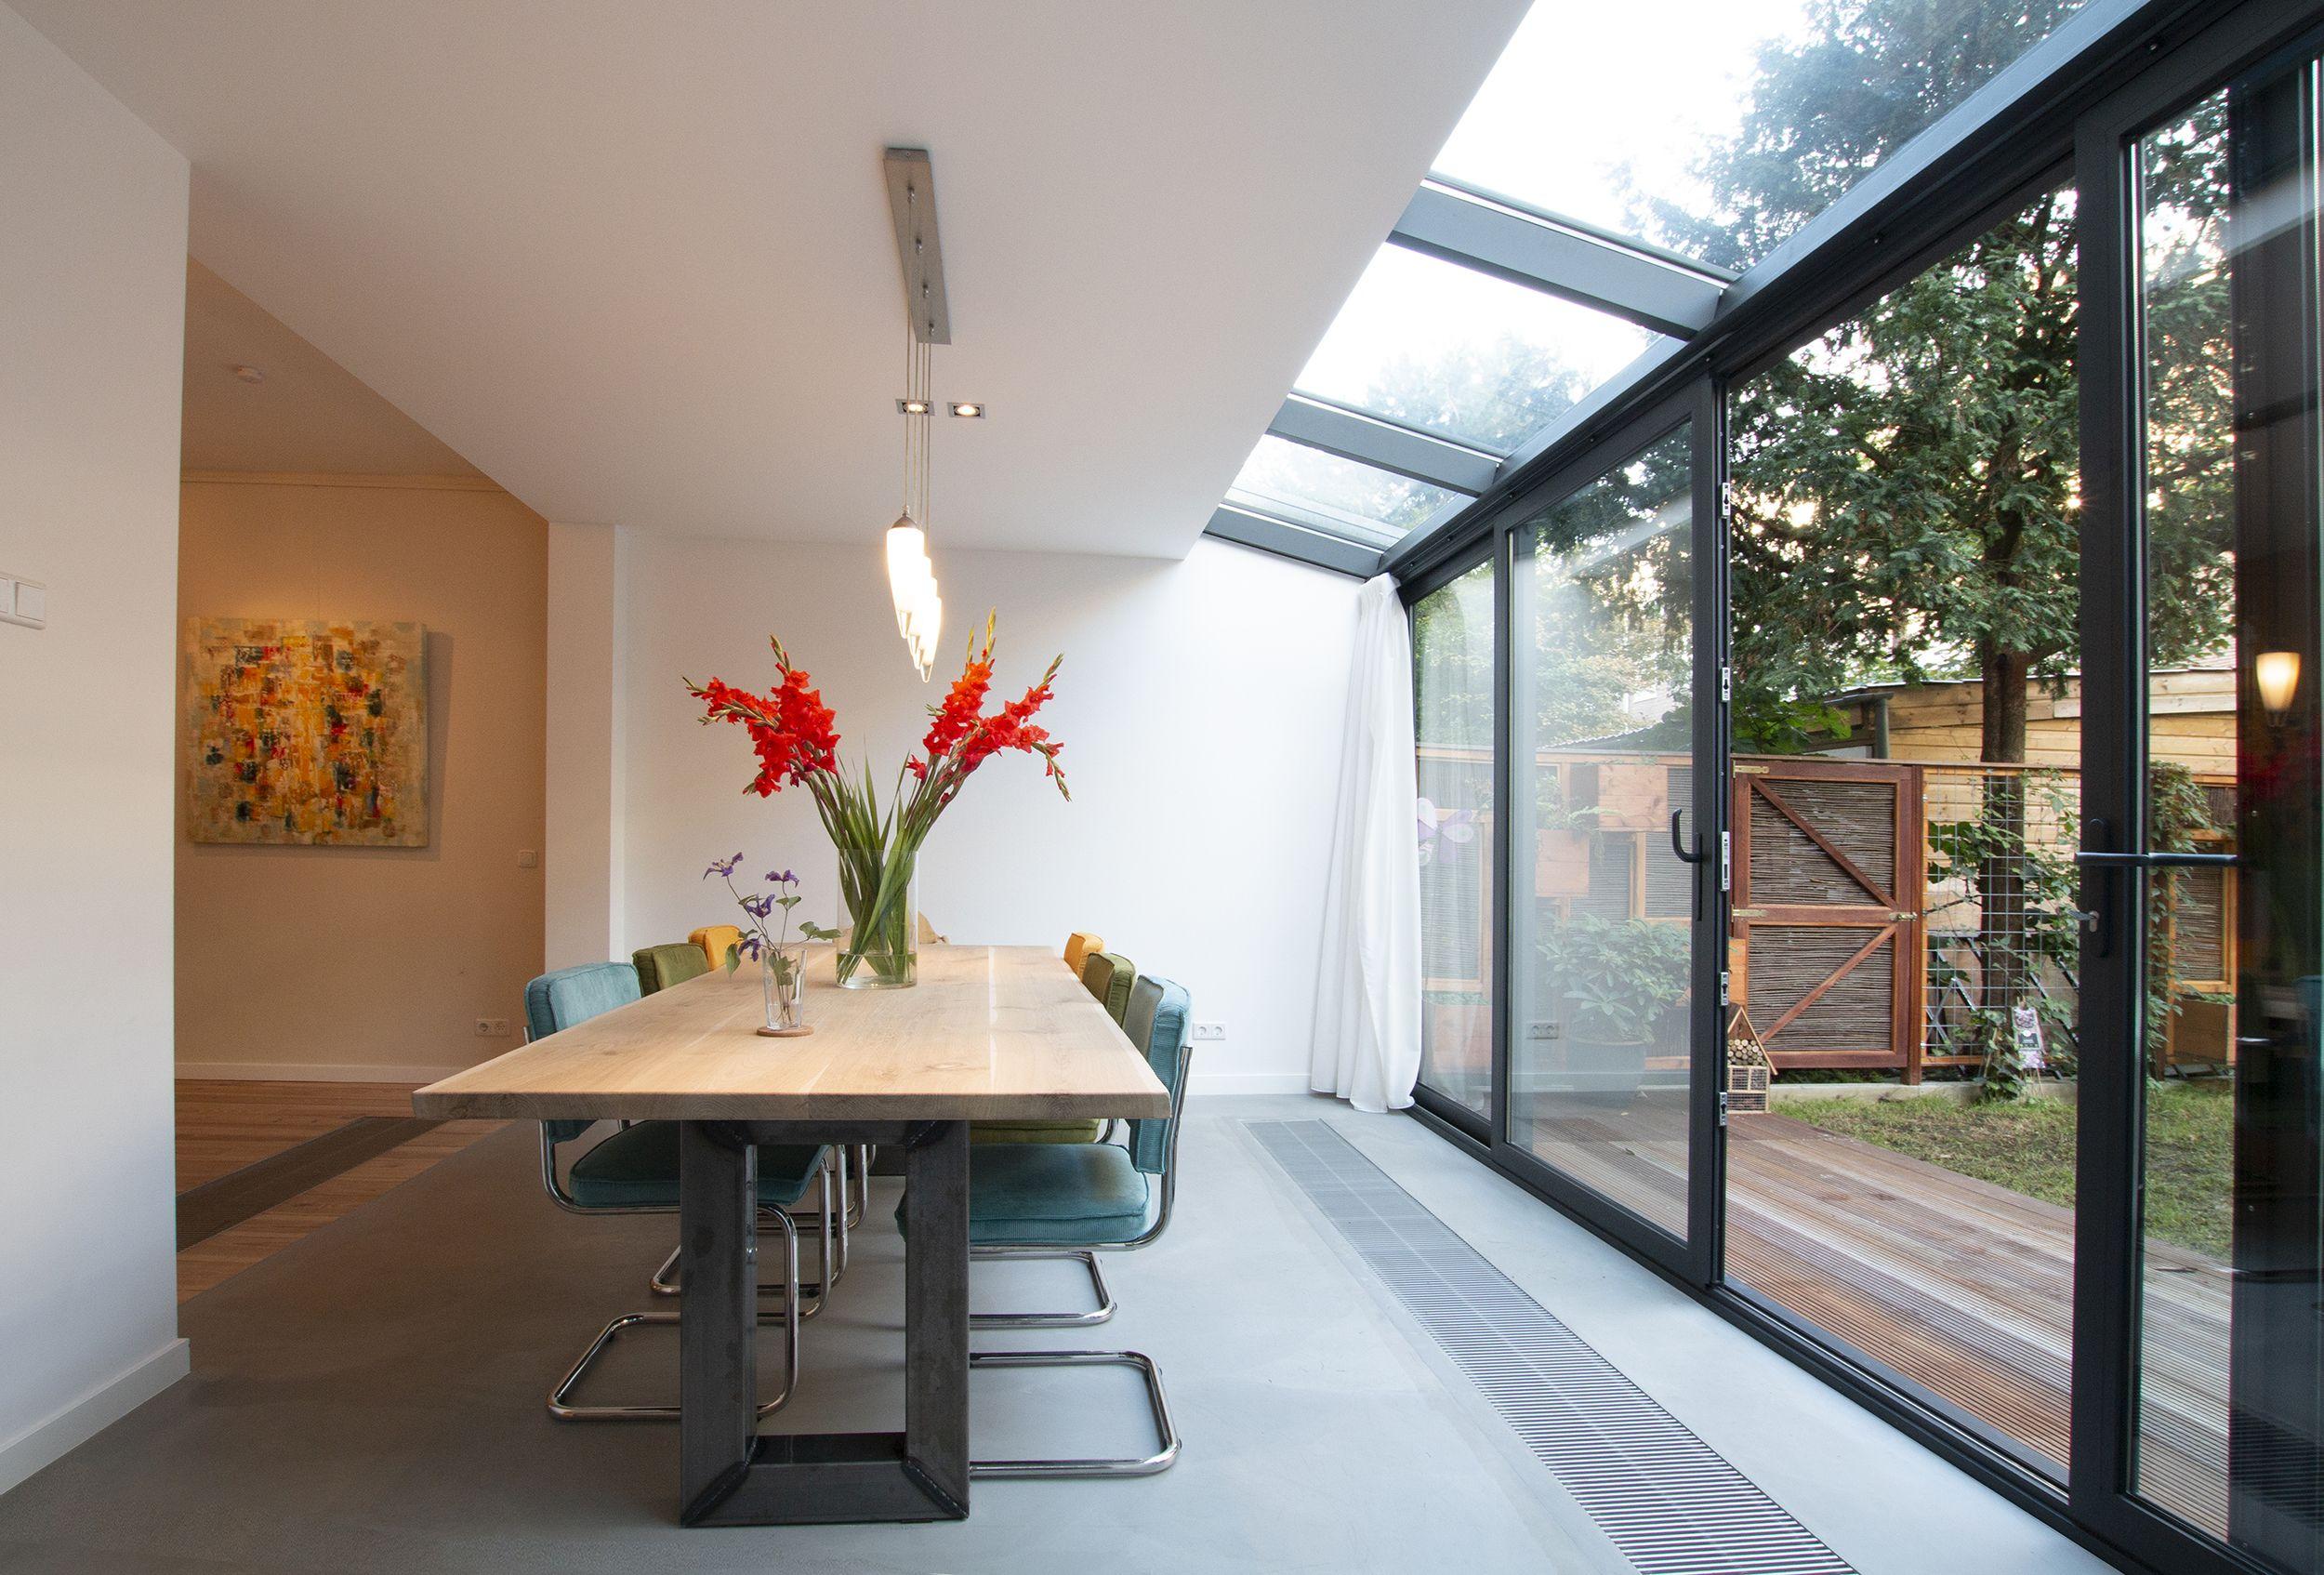 Aanbouw met glazen pui serre studioschaeffer b.v. het glas zorgt